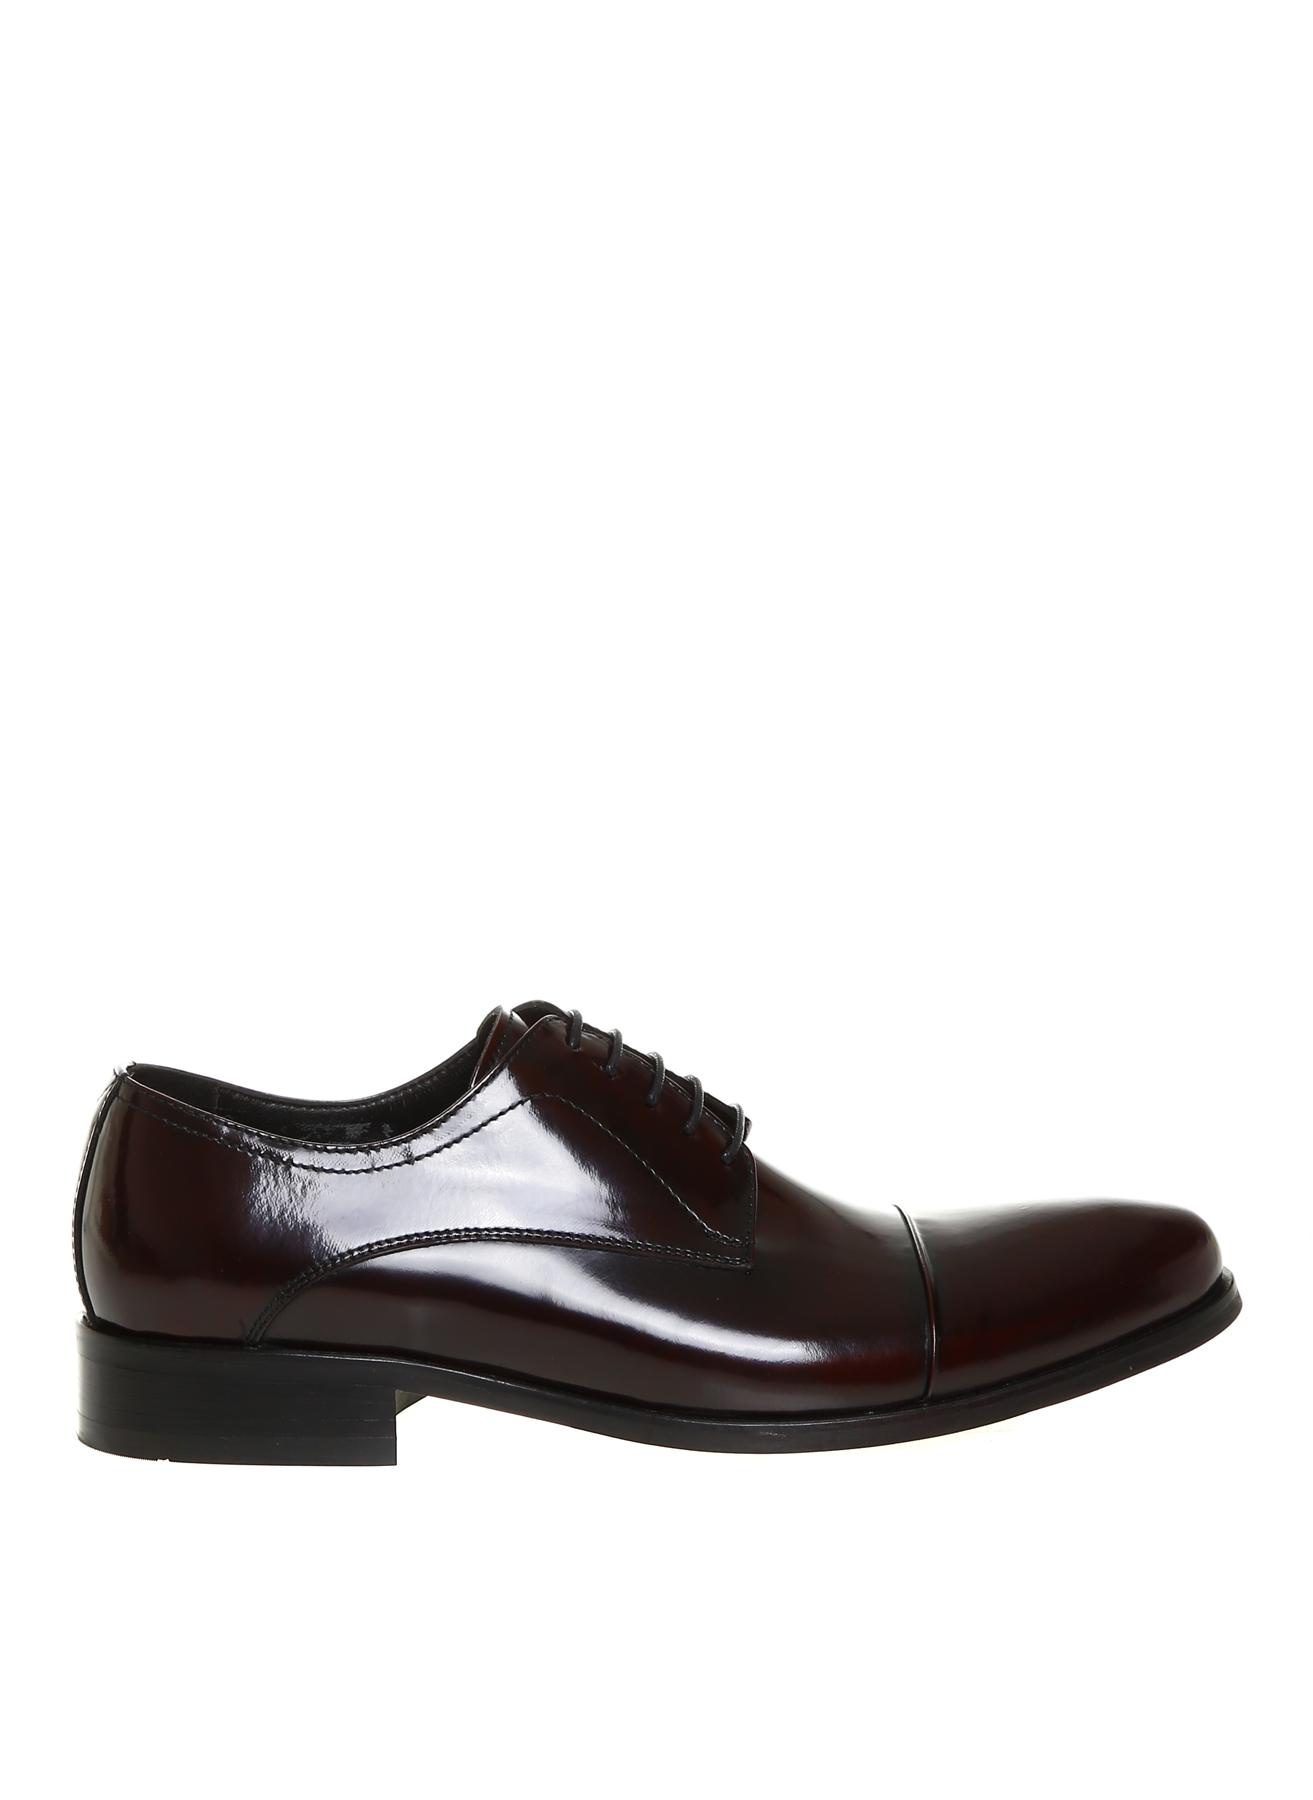 İnci Erkek Rugan Siyah Günlük Ayakkabı 42 5002027081003 Ürün Resmi